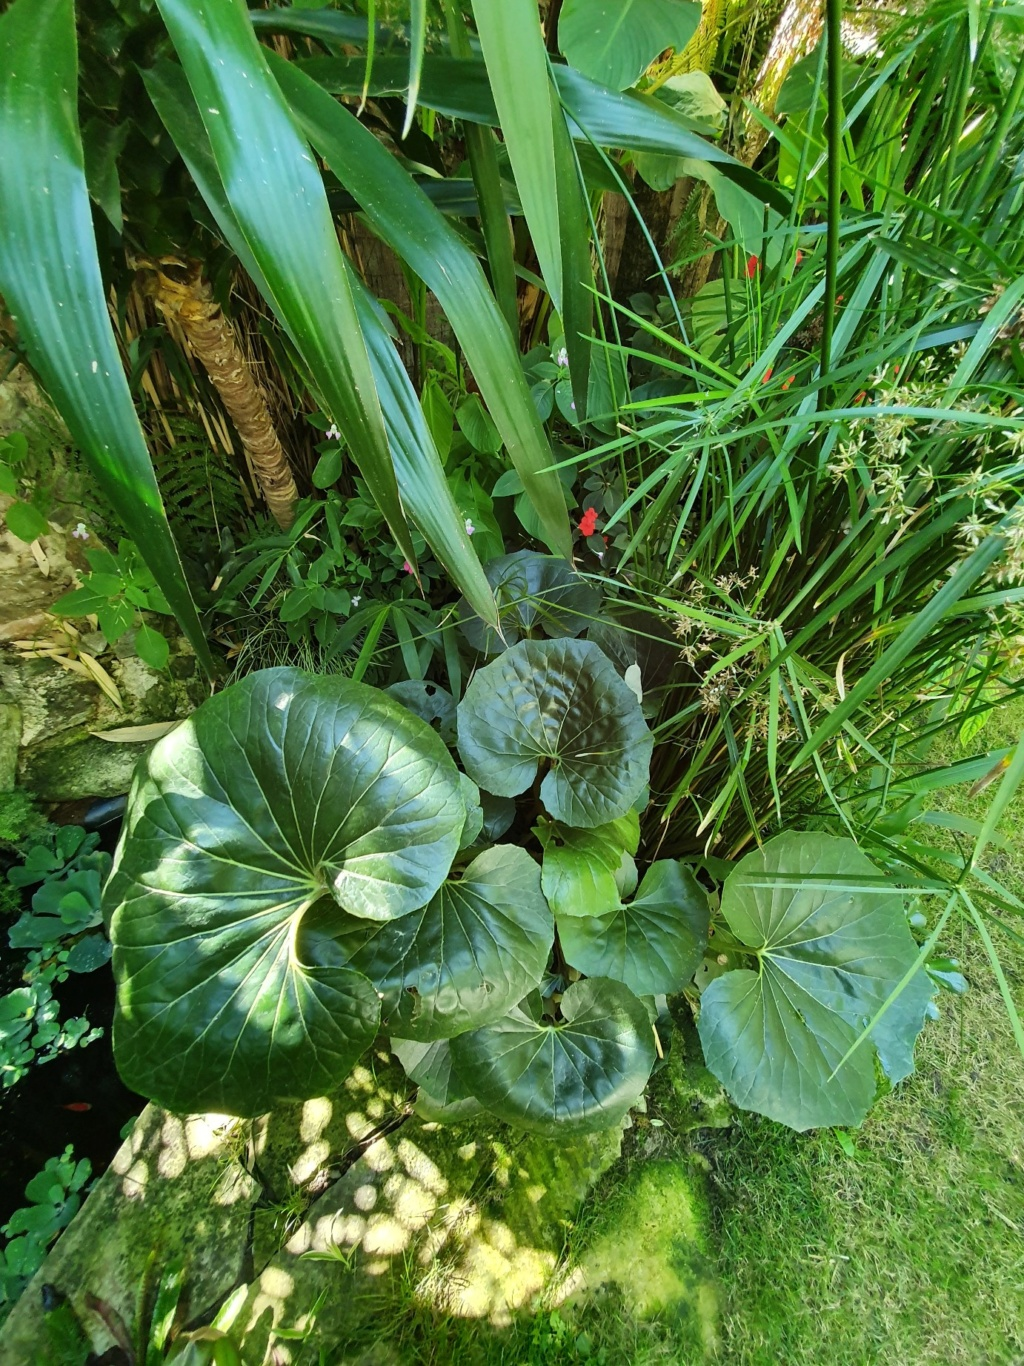 Rémi - Mon (tout) petit jardin en mode tropical - Page 15 20191114